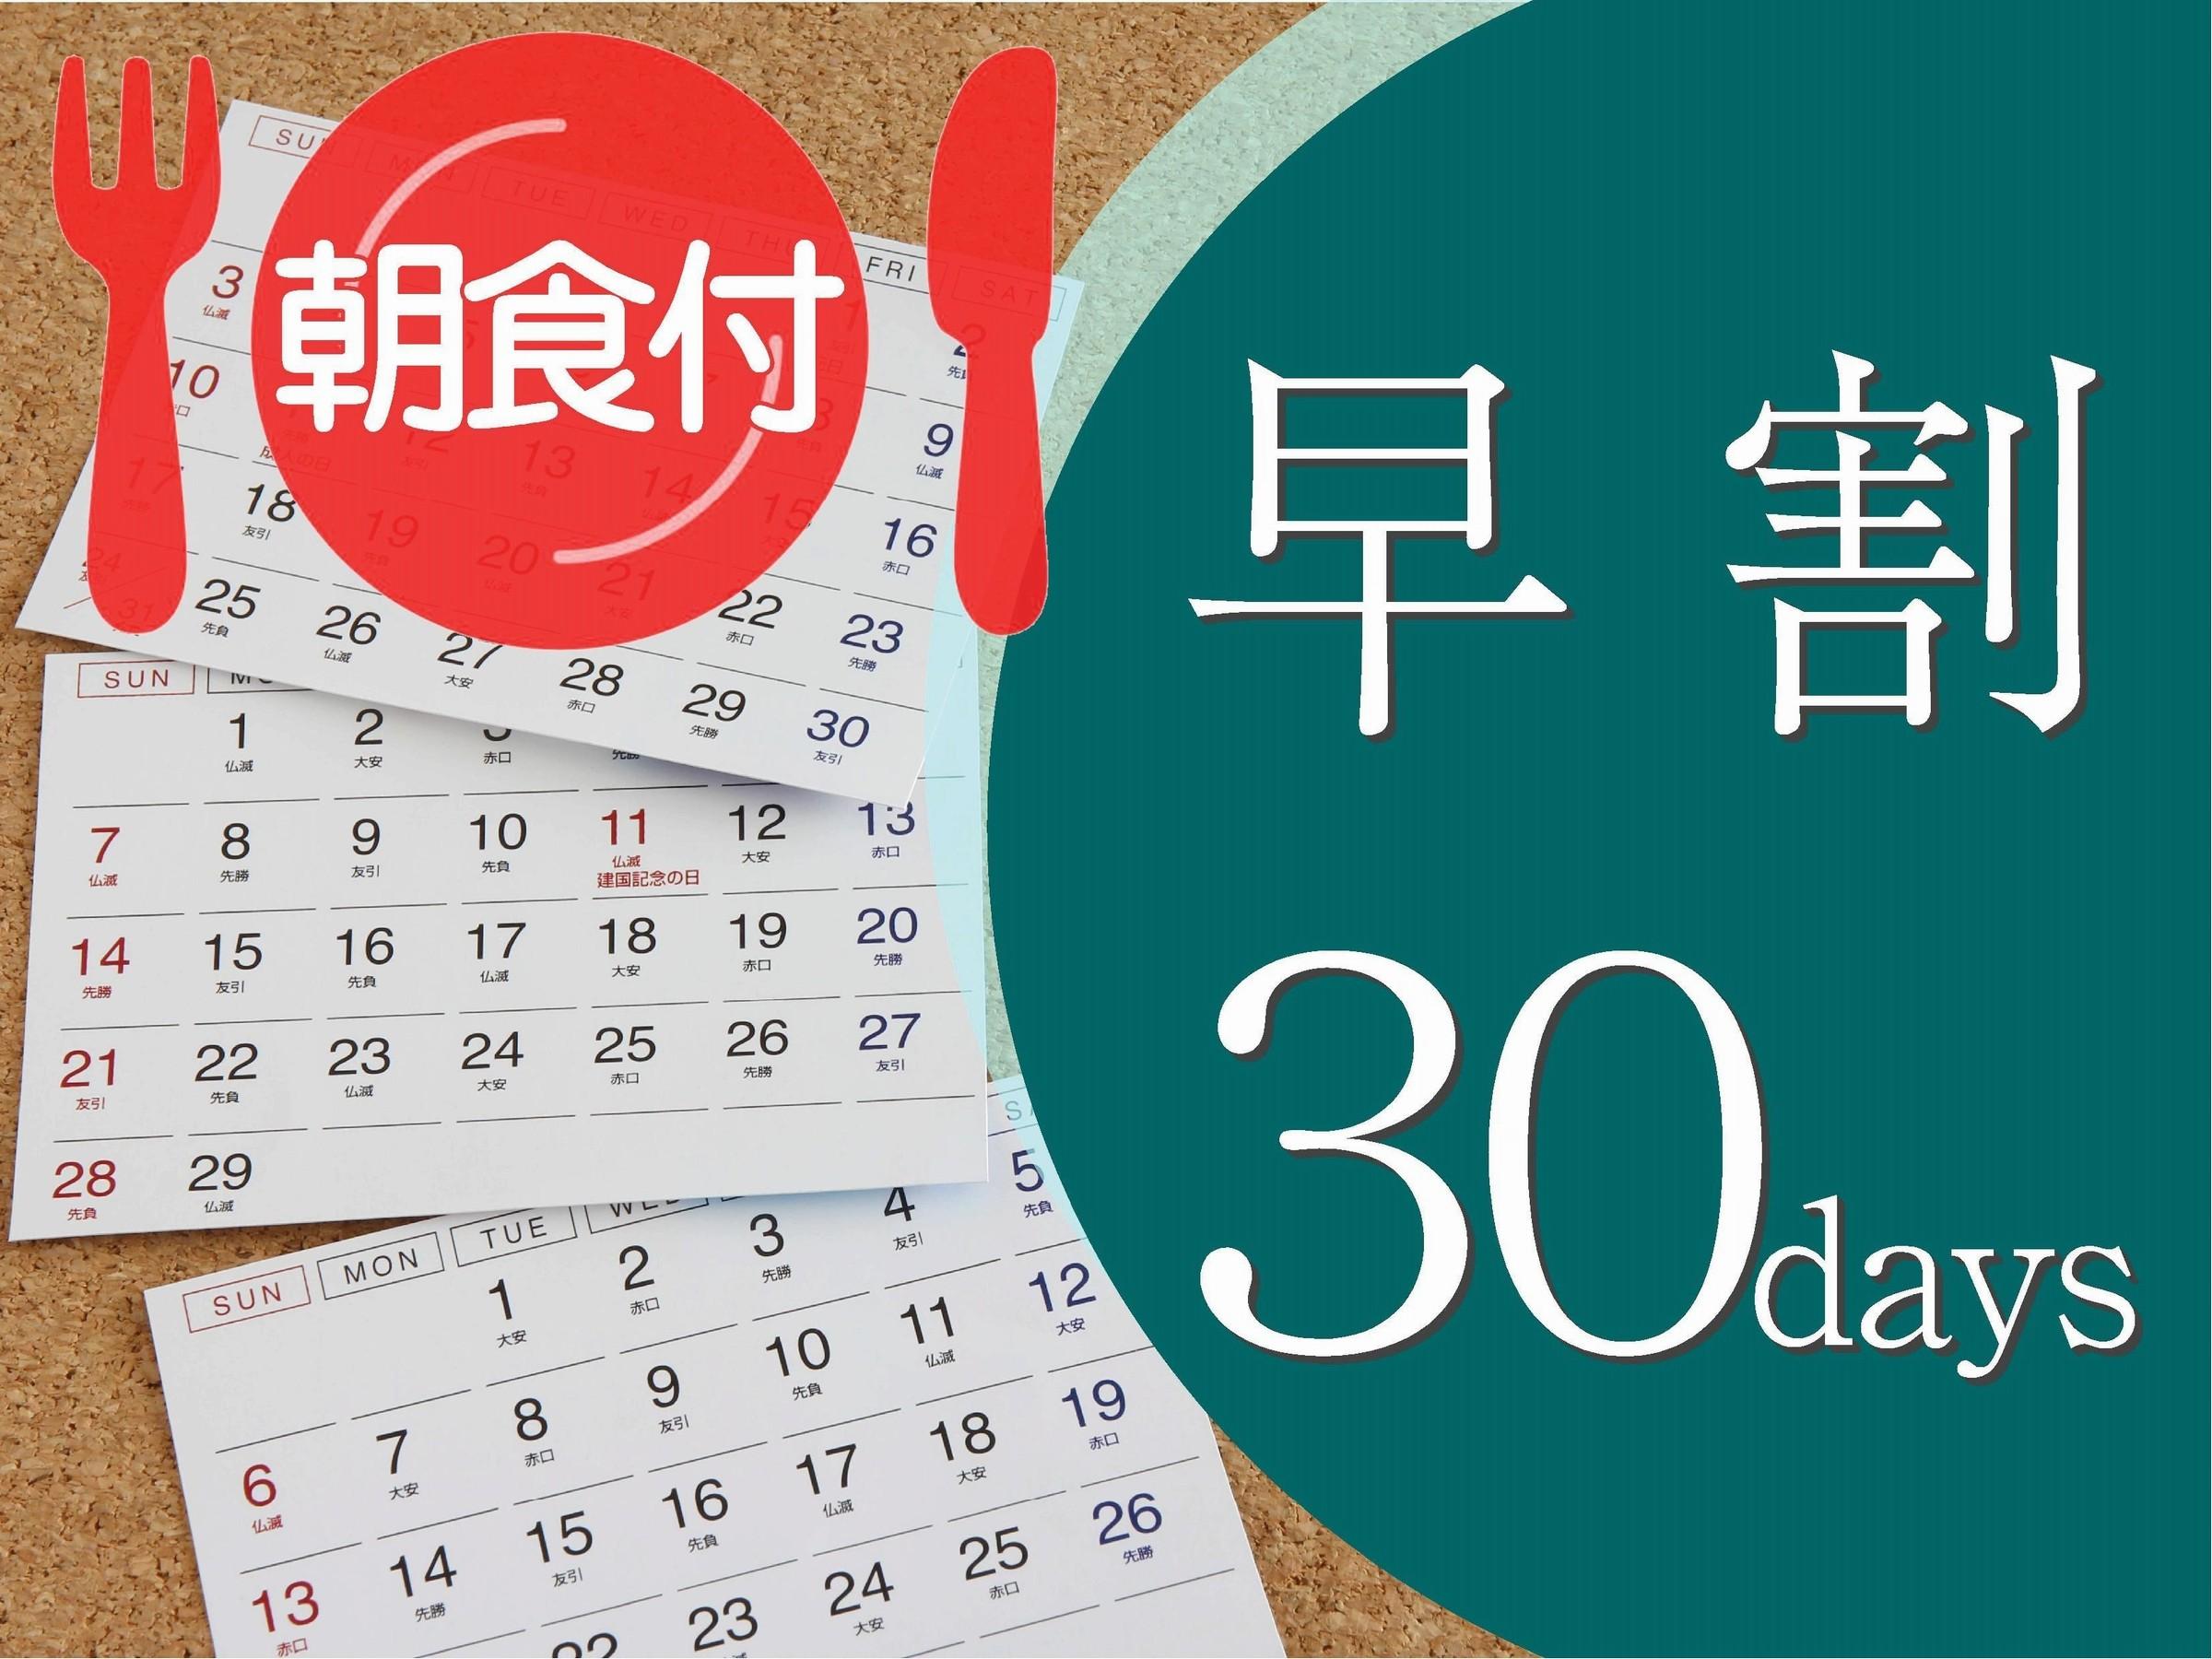 ホテルウィングインターナショナルセレクト東大阪 / 【早割30】=朝食バイキング付=早期予約が断然オトク!大阪中心部へのアクセス◎出張・観光の拠点に!